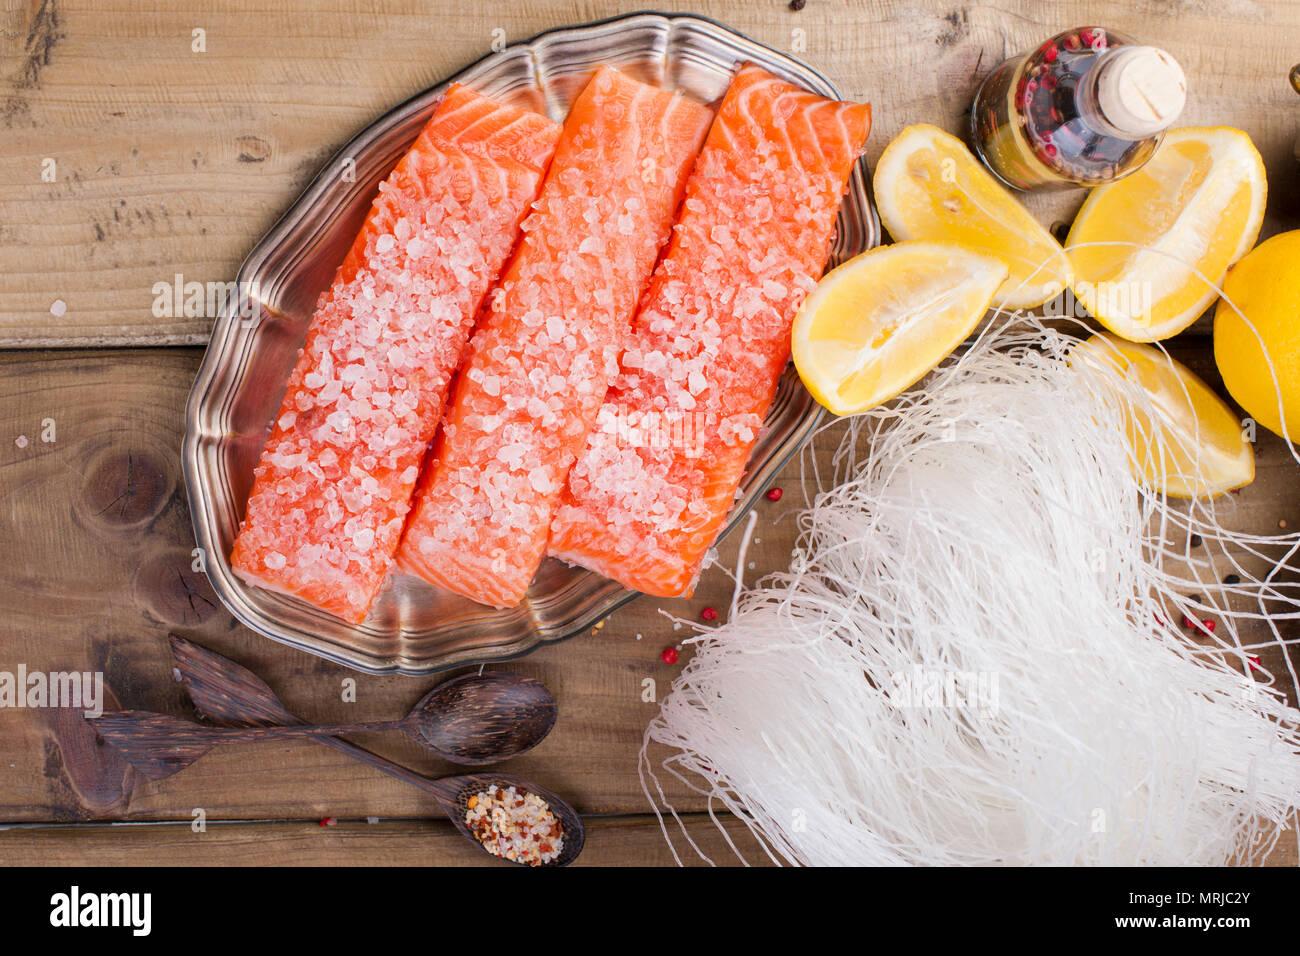 Filet de saumon cru avec du poivre de ris de veau et de sel sur du papier sulfurisé thème rustique avec copie-espace. Mise à plat. Photo Stock